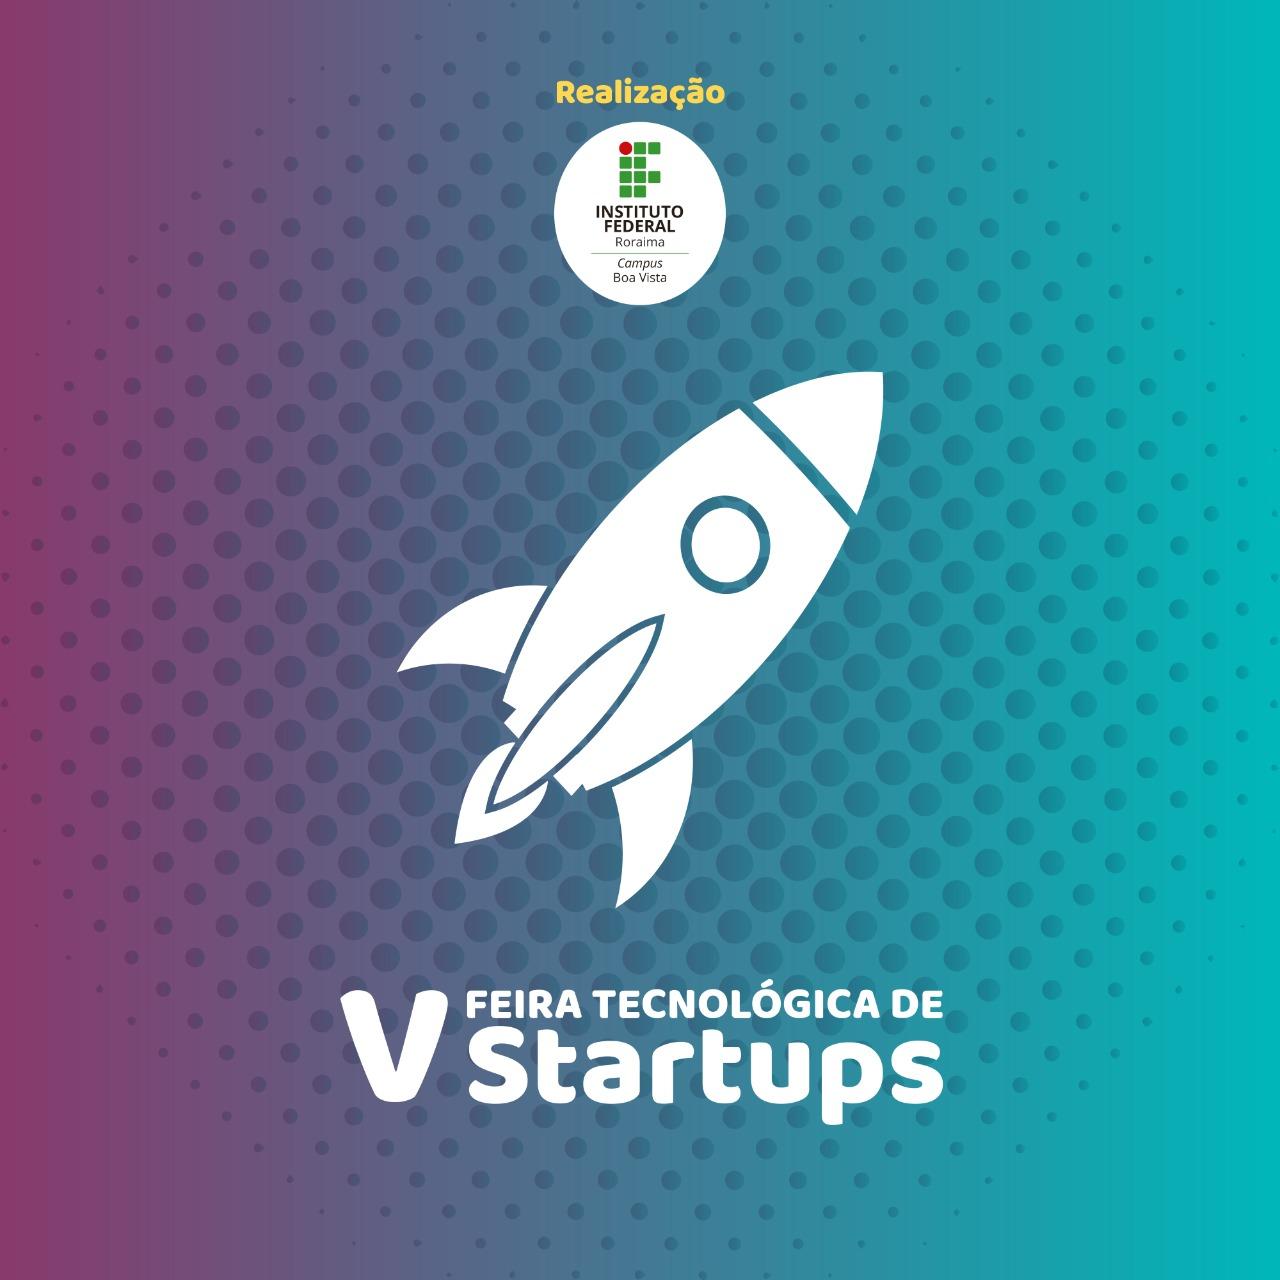 5.ª Feira Tecnológica de Startup ocorrerá no dia 27